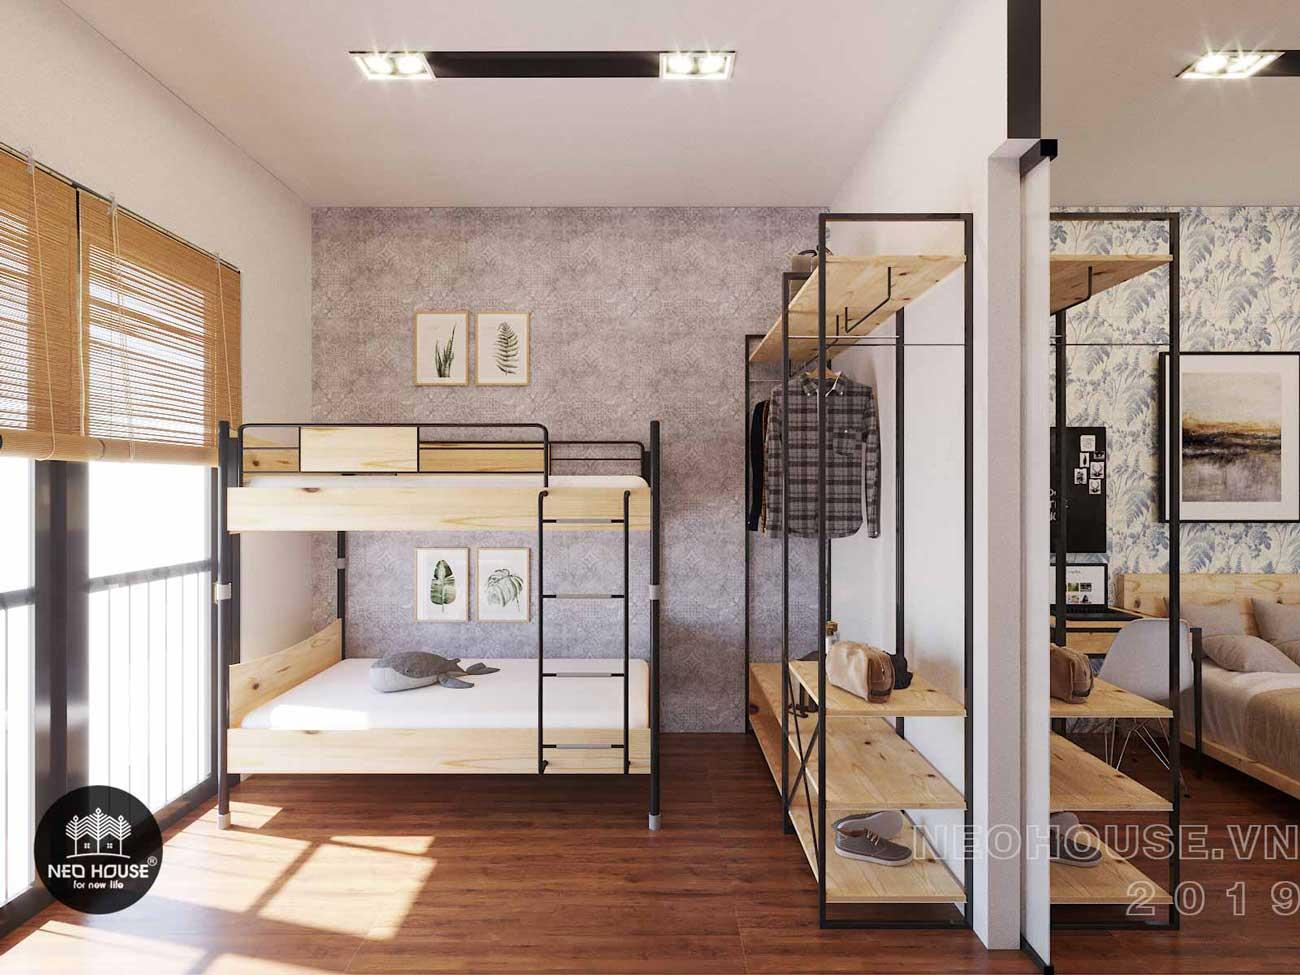 Thiết kế nội thất biệt thự hiện đại 3 tầng. Ảnh 6